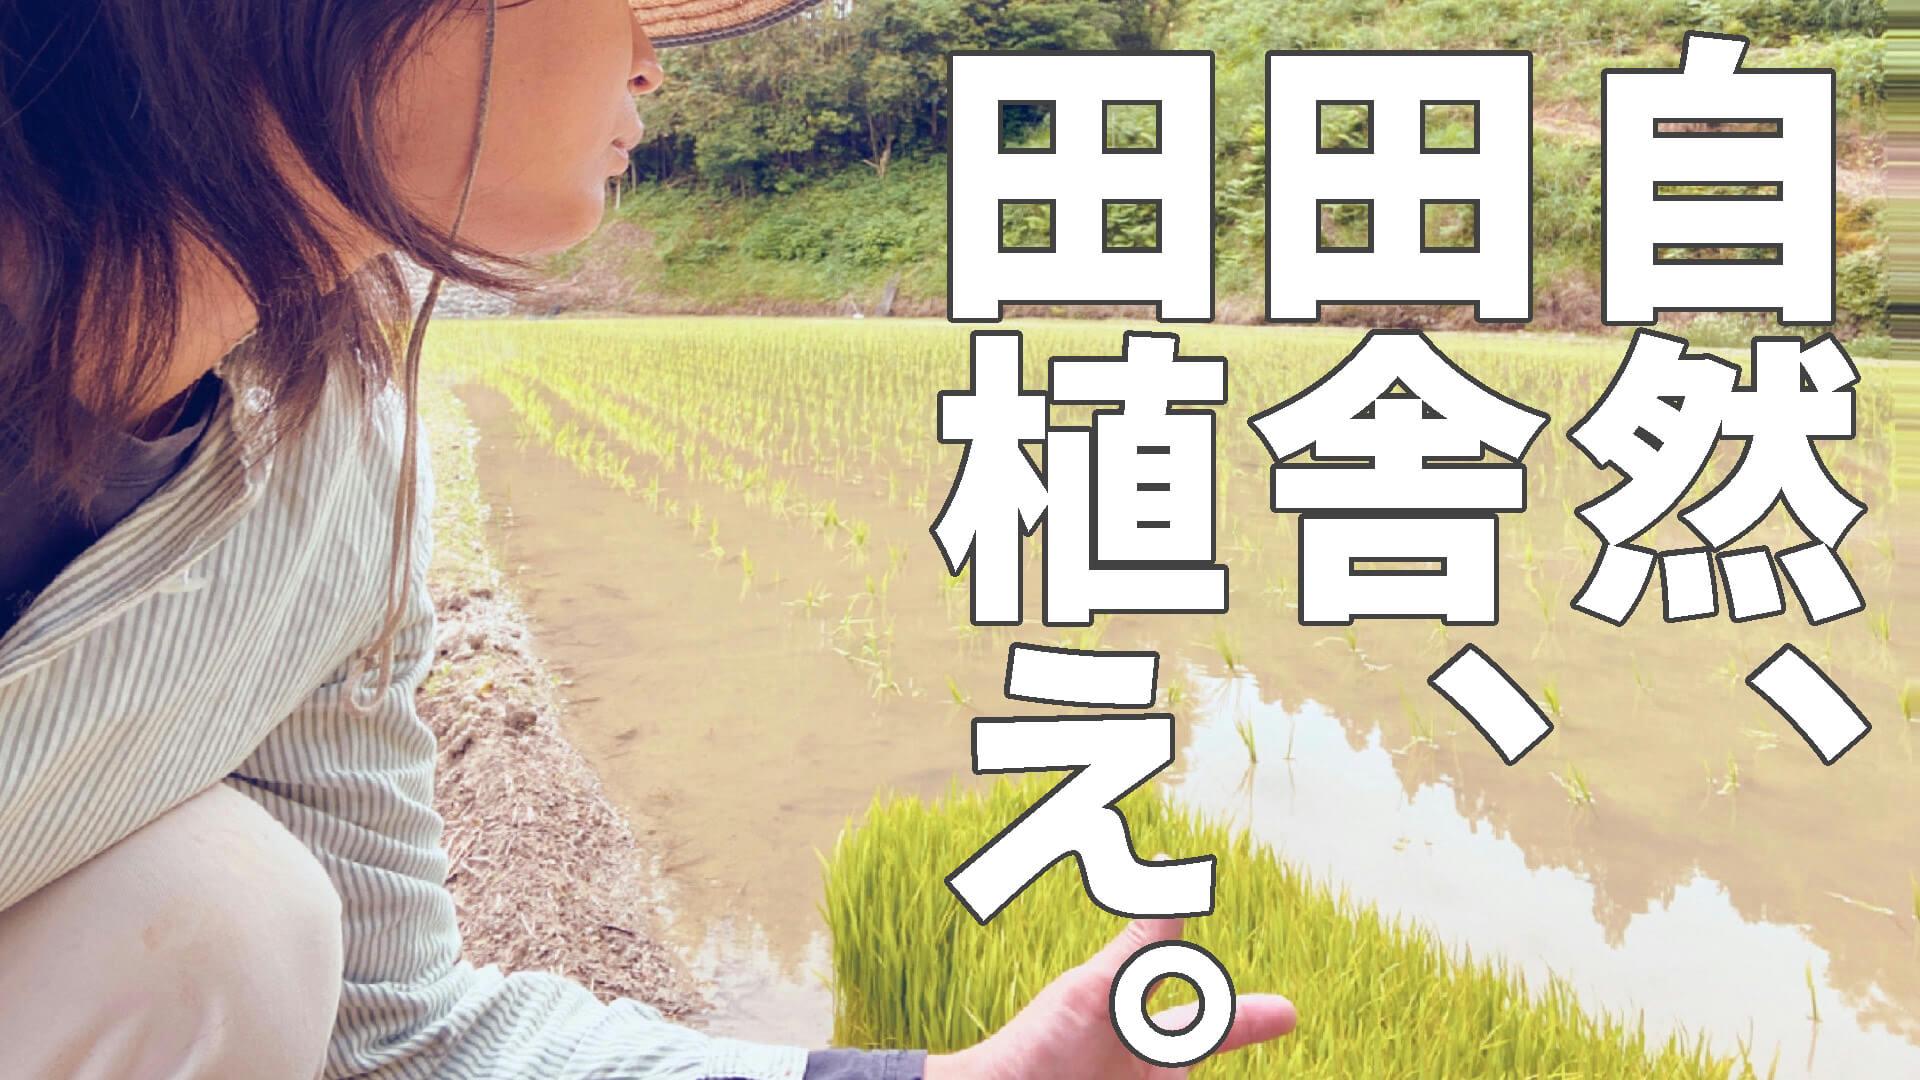 【実録】田舎で自然に囲まれて働く農家の田植え